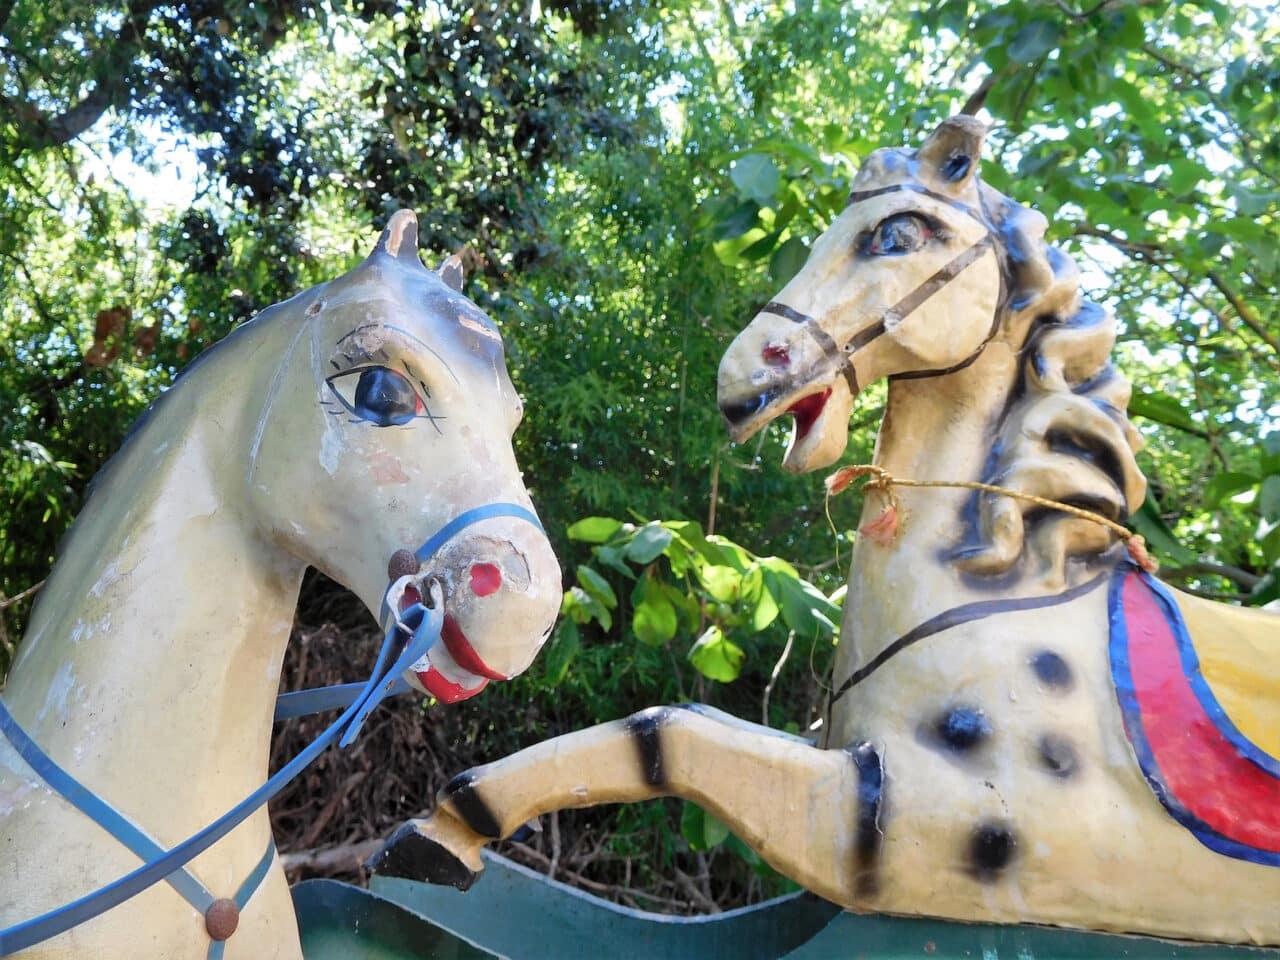 Ravenna - Raduno Nazionale di Cavalli a Dondolo